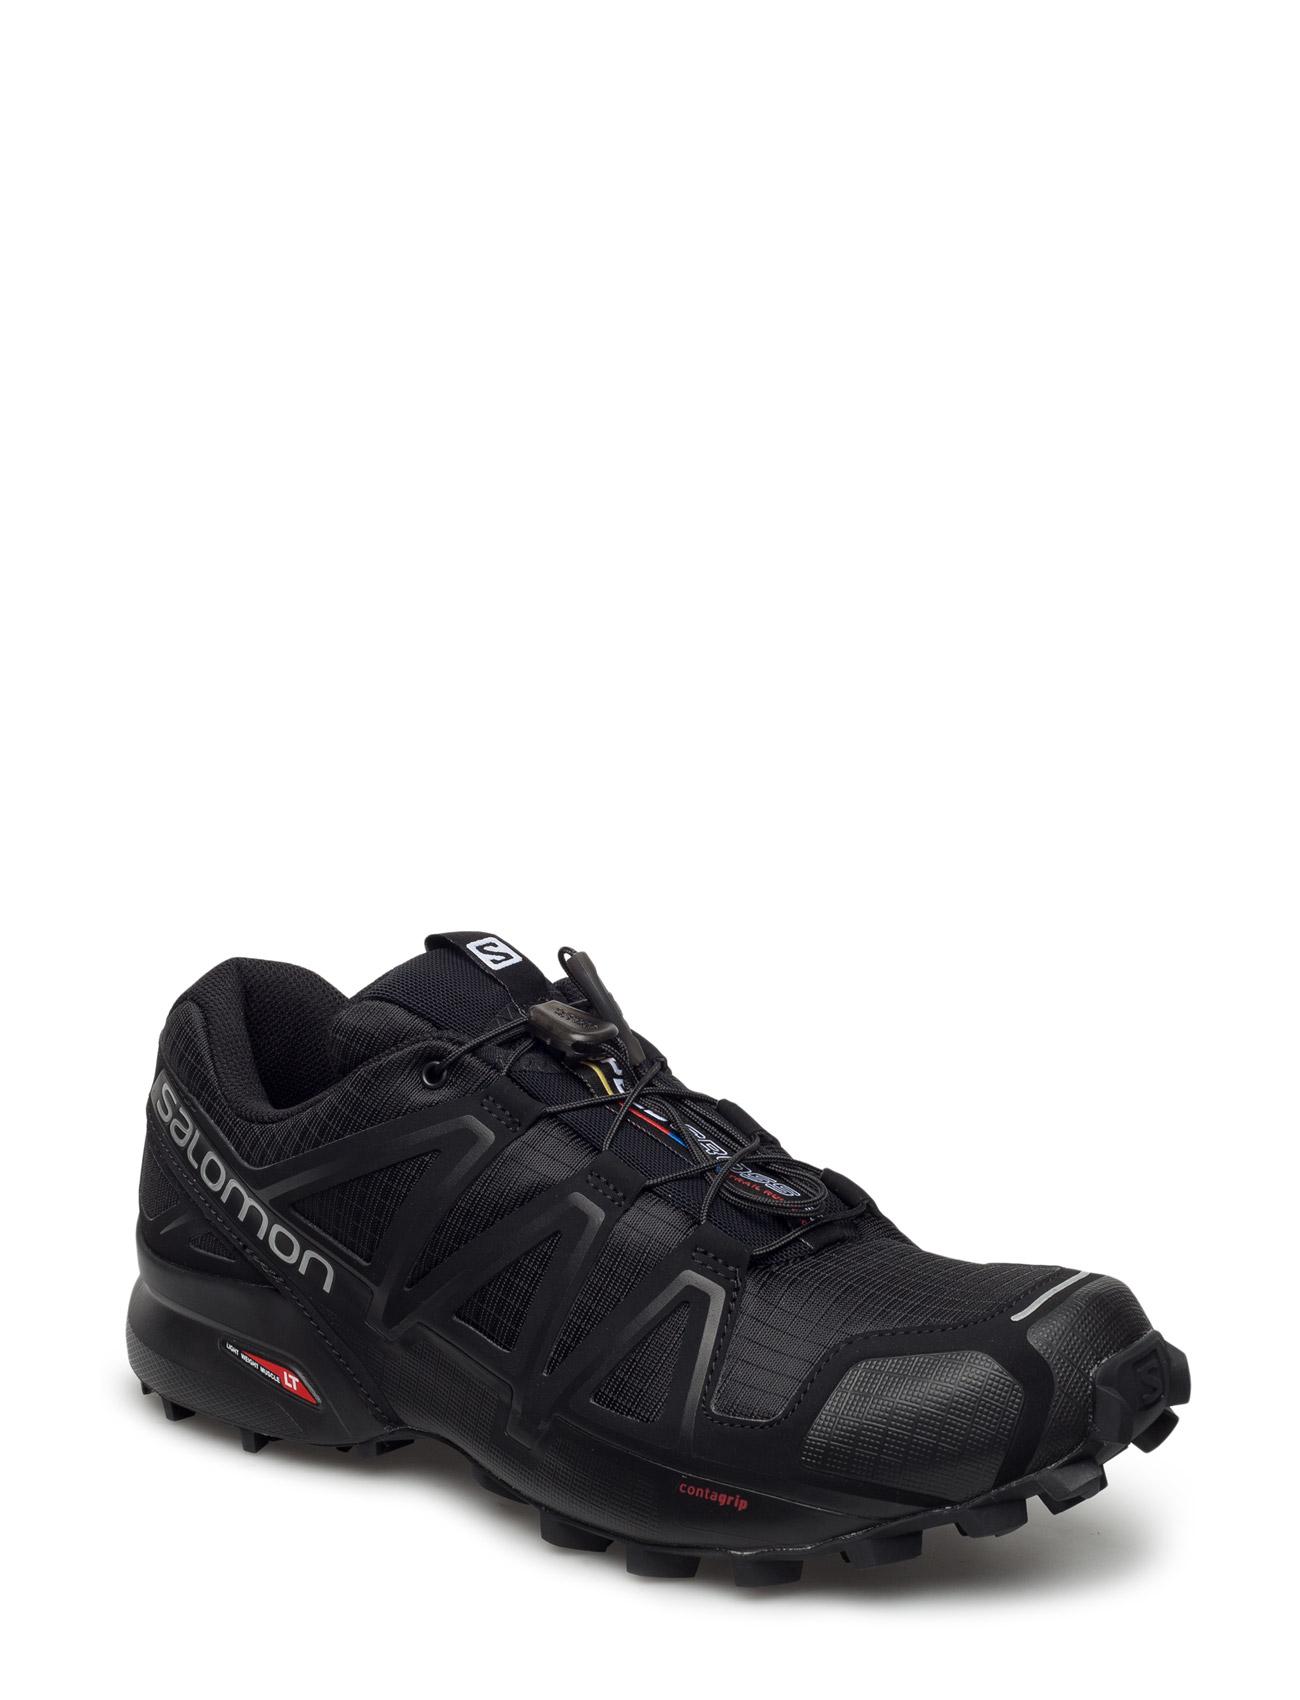 Speedcross 4 Salomon Sports sko til Herrer i